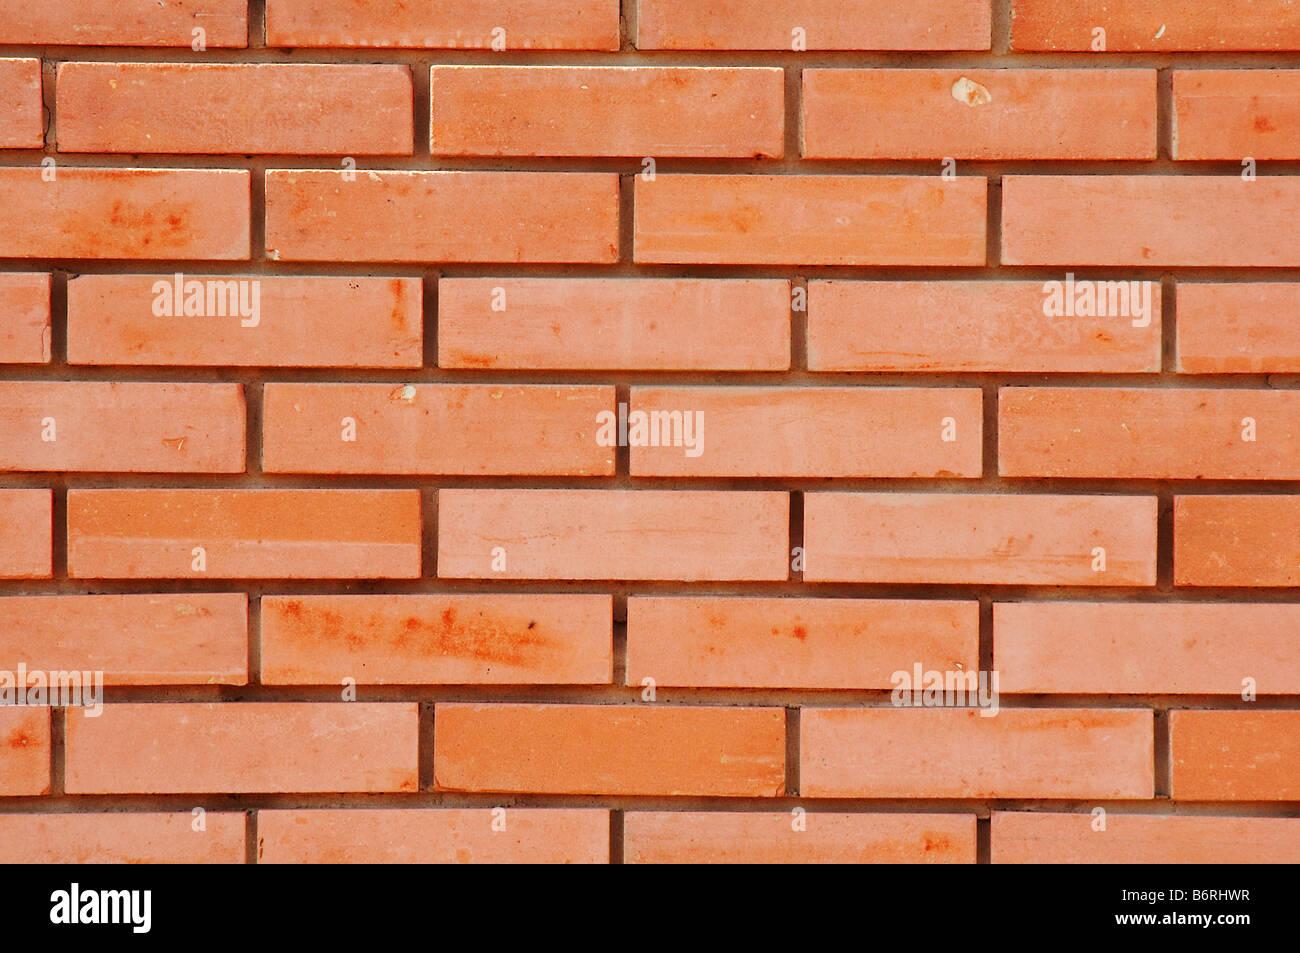 Ziegel-Wand-Hintergrund Stockbild